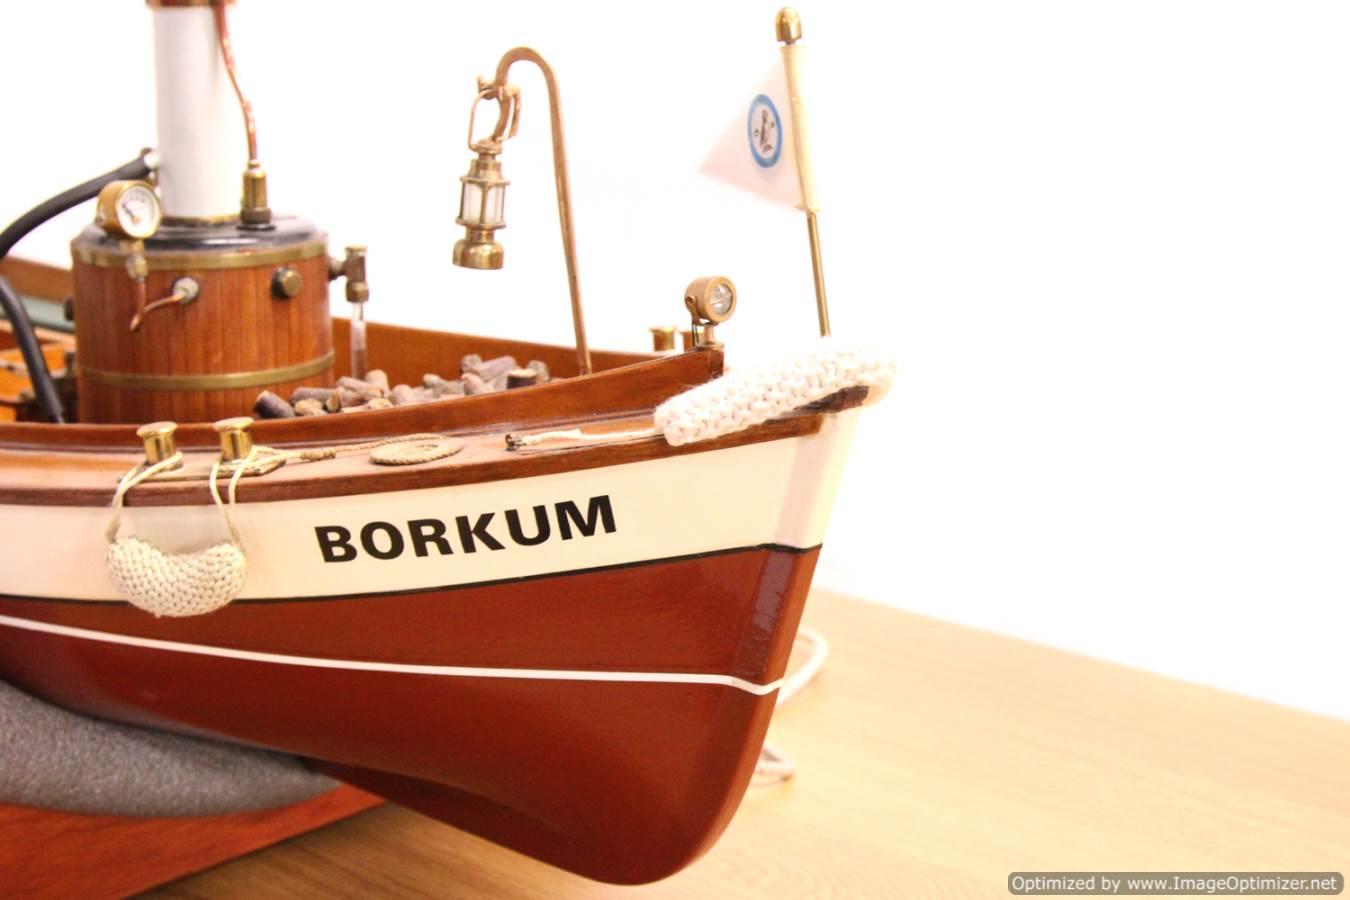 test bockrum-cheddar-steam-boat-live-steam-model-for-sale-20-optimized